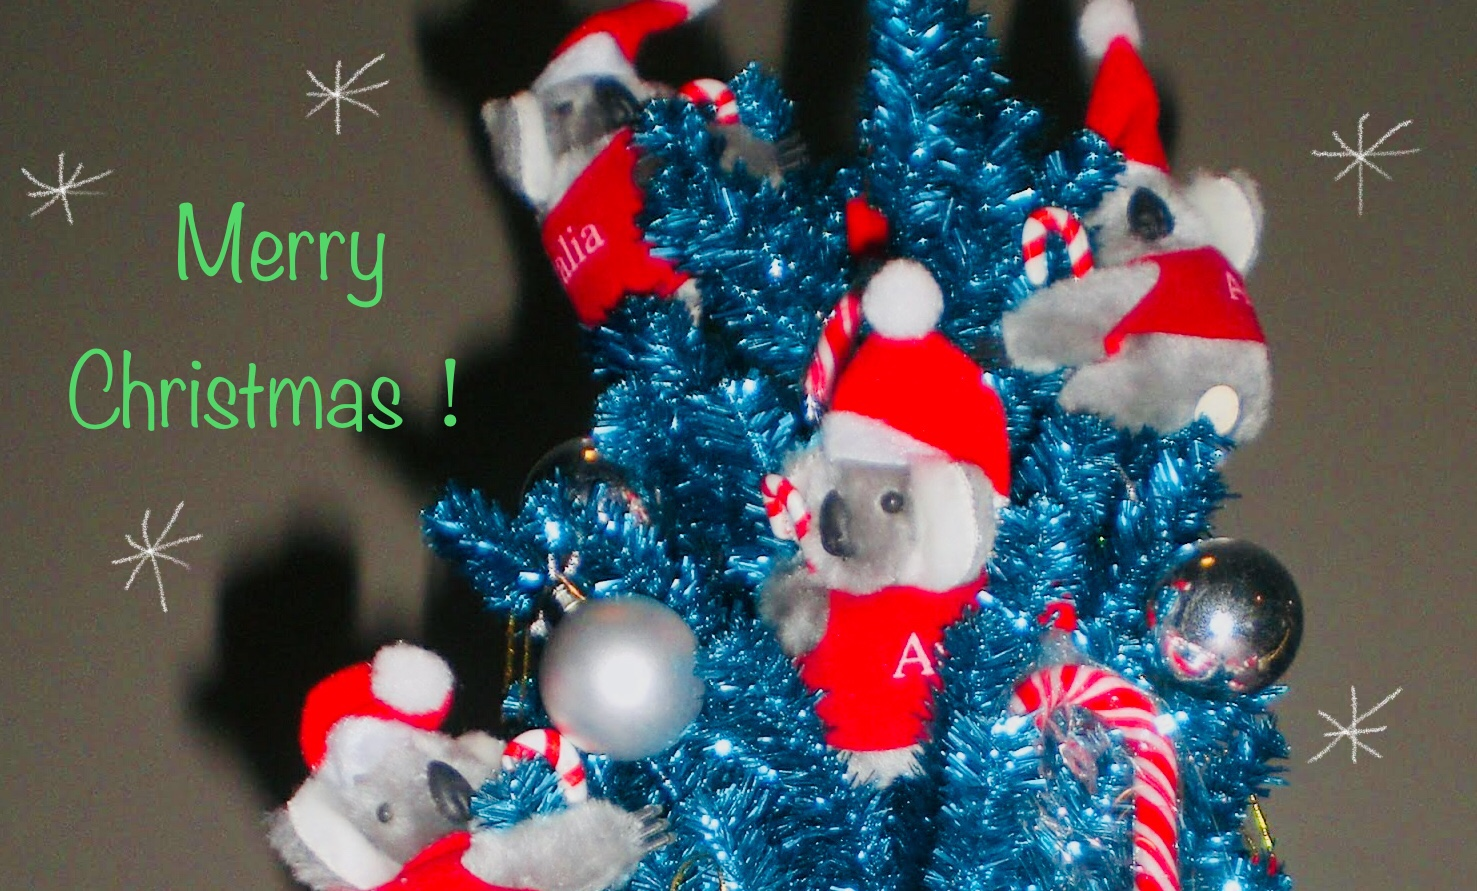 オーストラリアはクリスマスが2度ある⁉︎7月の『クリスマス・イン・ジュライ』